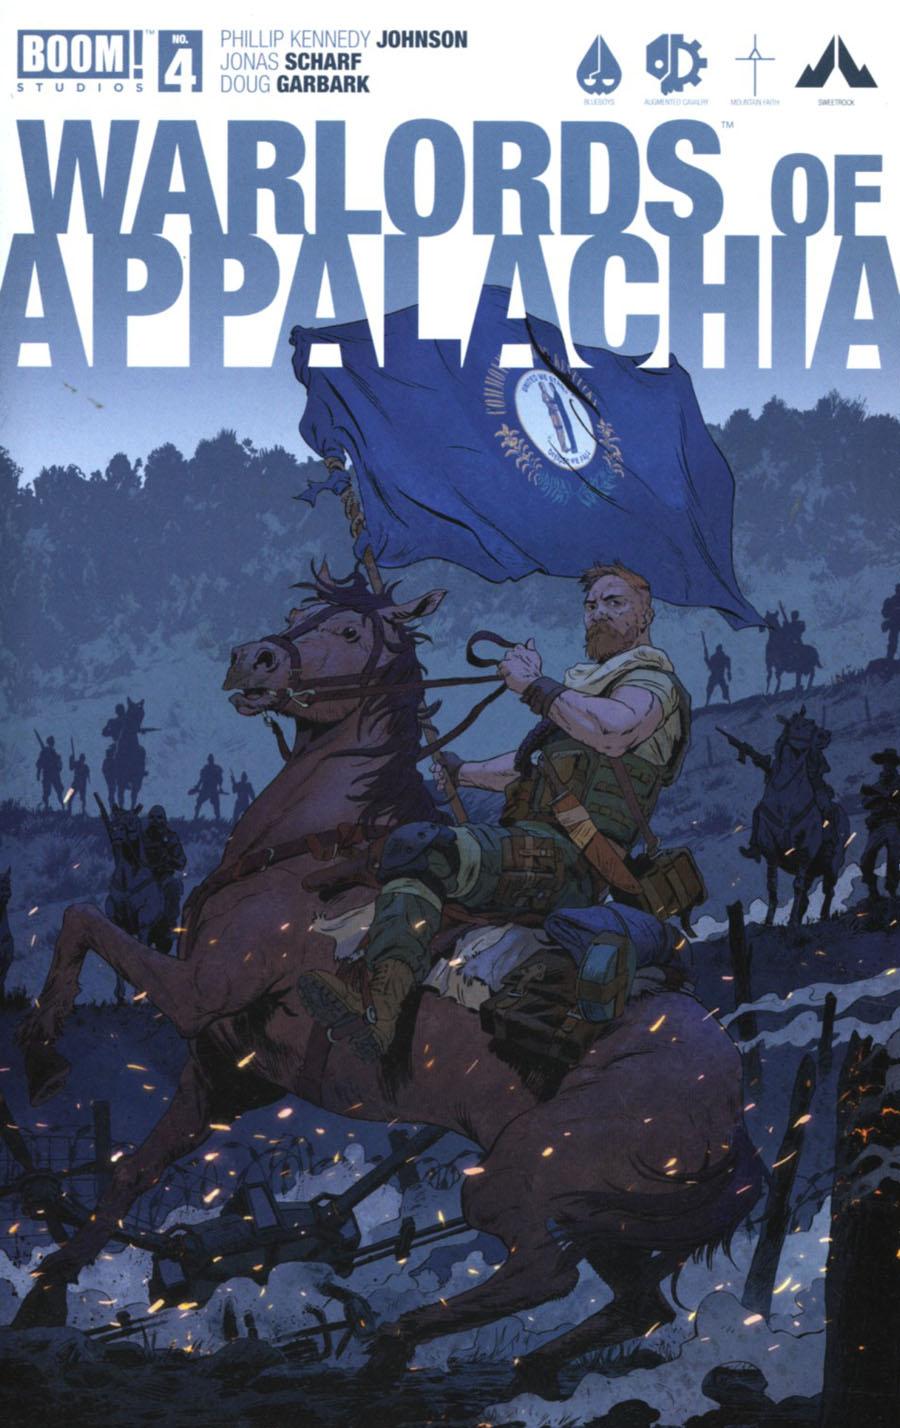 Warlords Of Appalachia #4